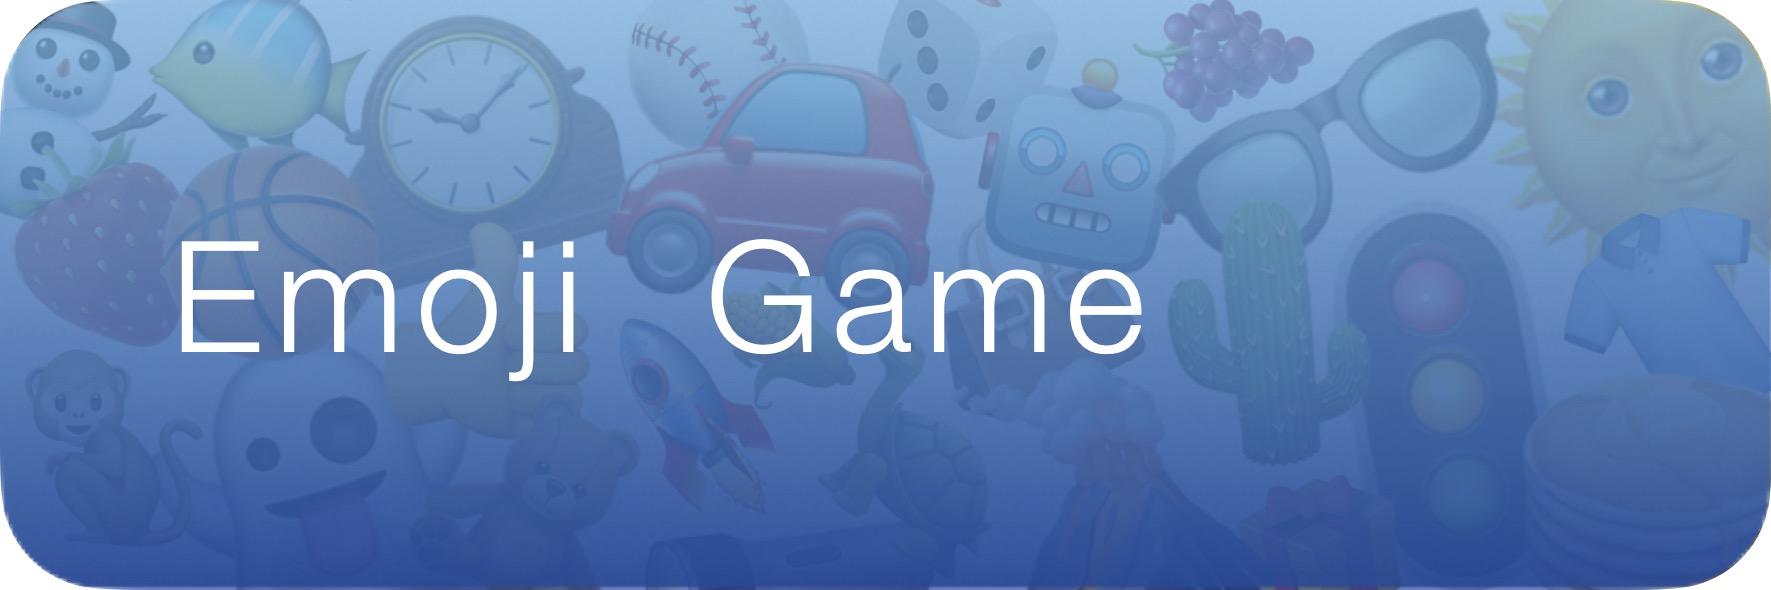 study-button-emoji-game